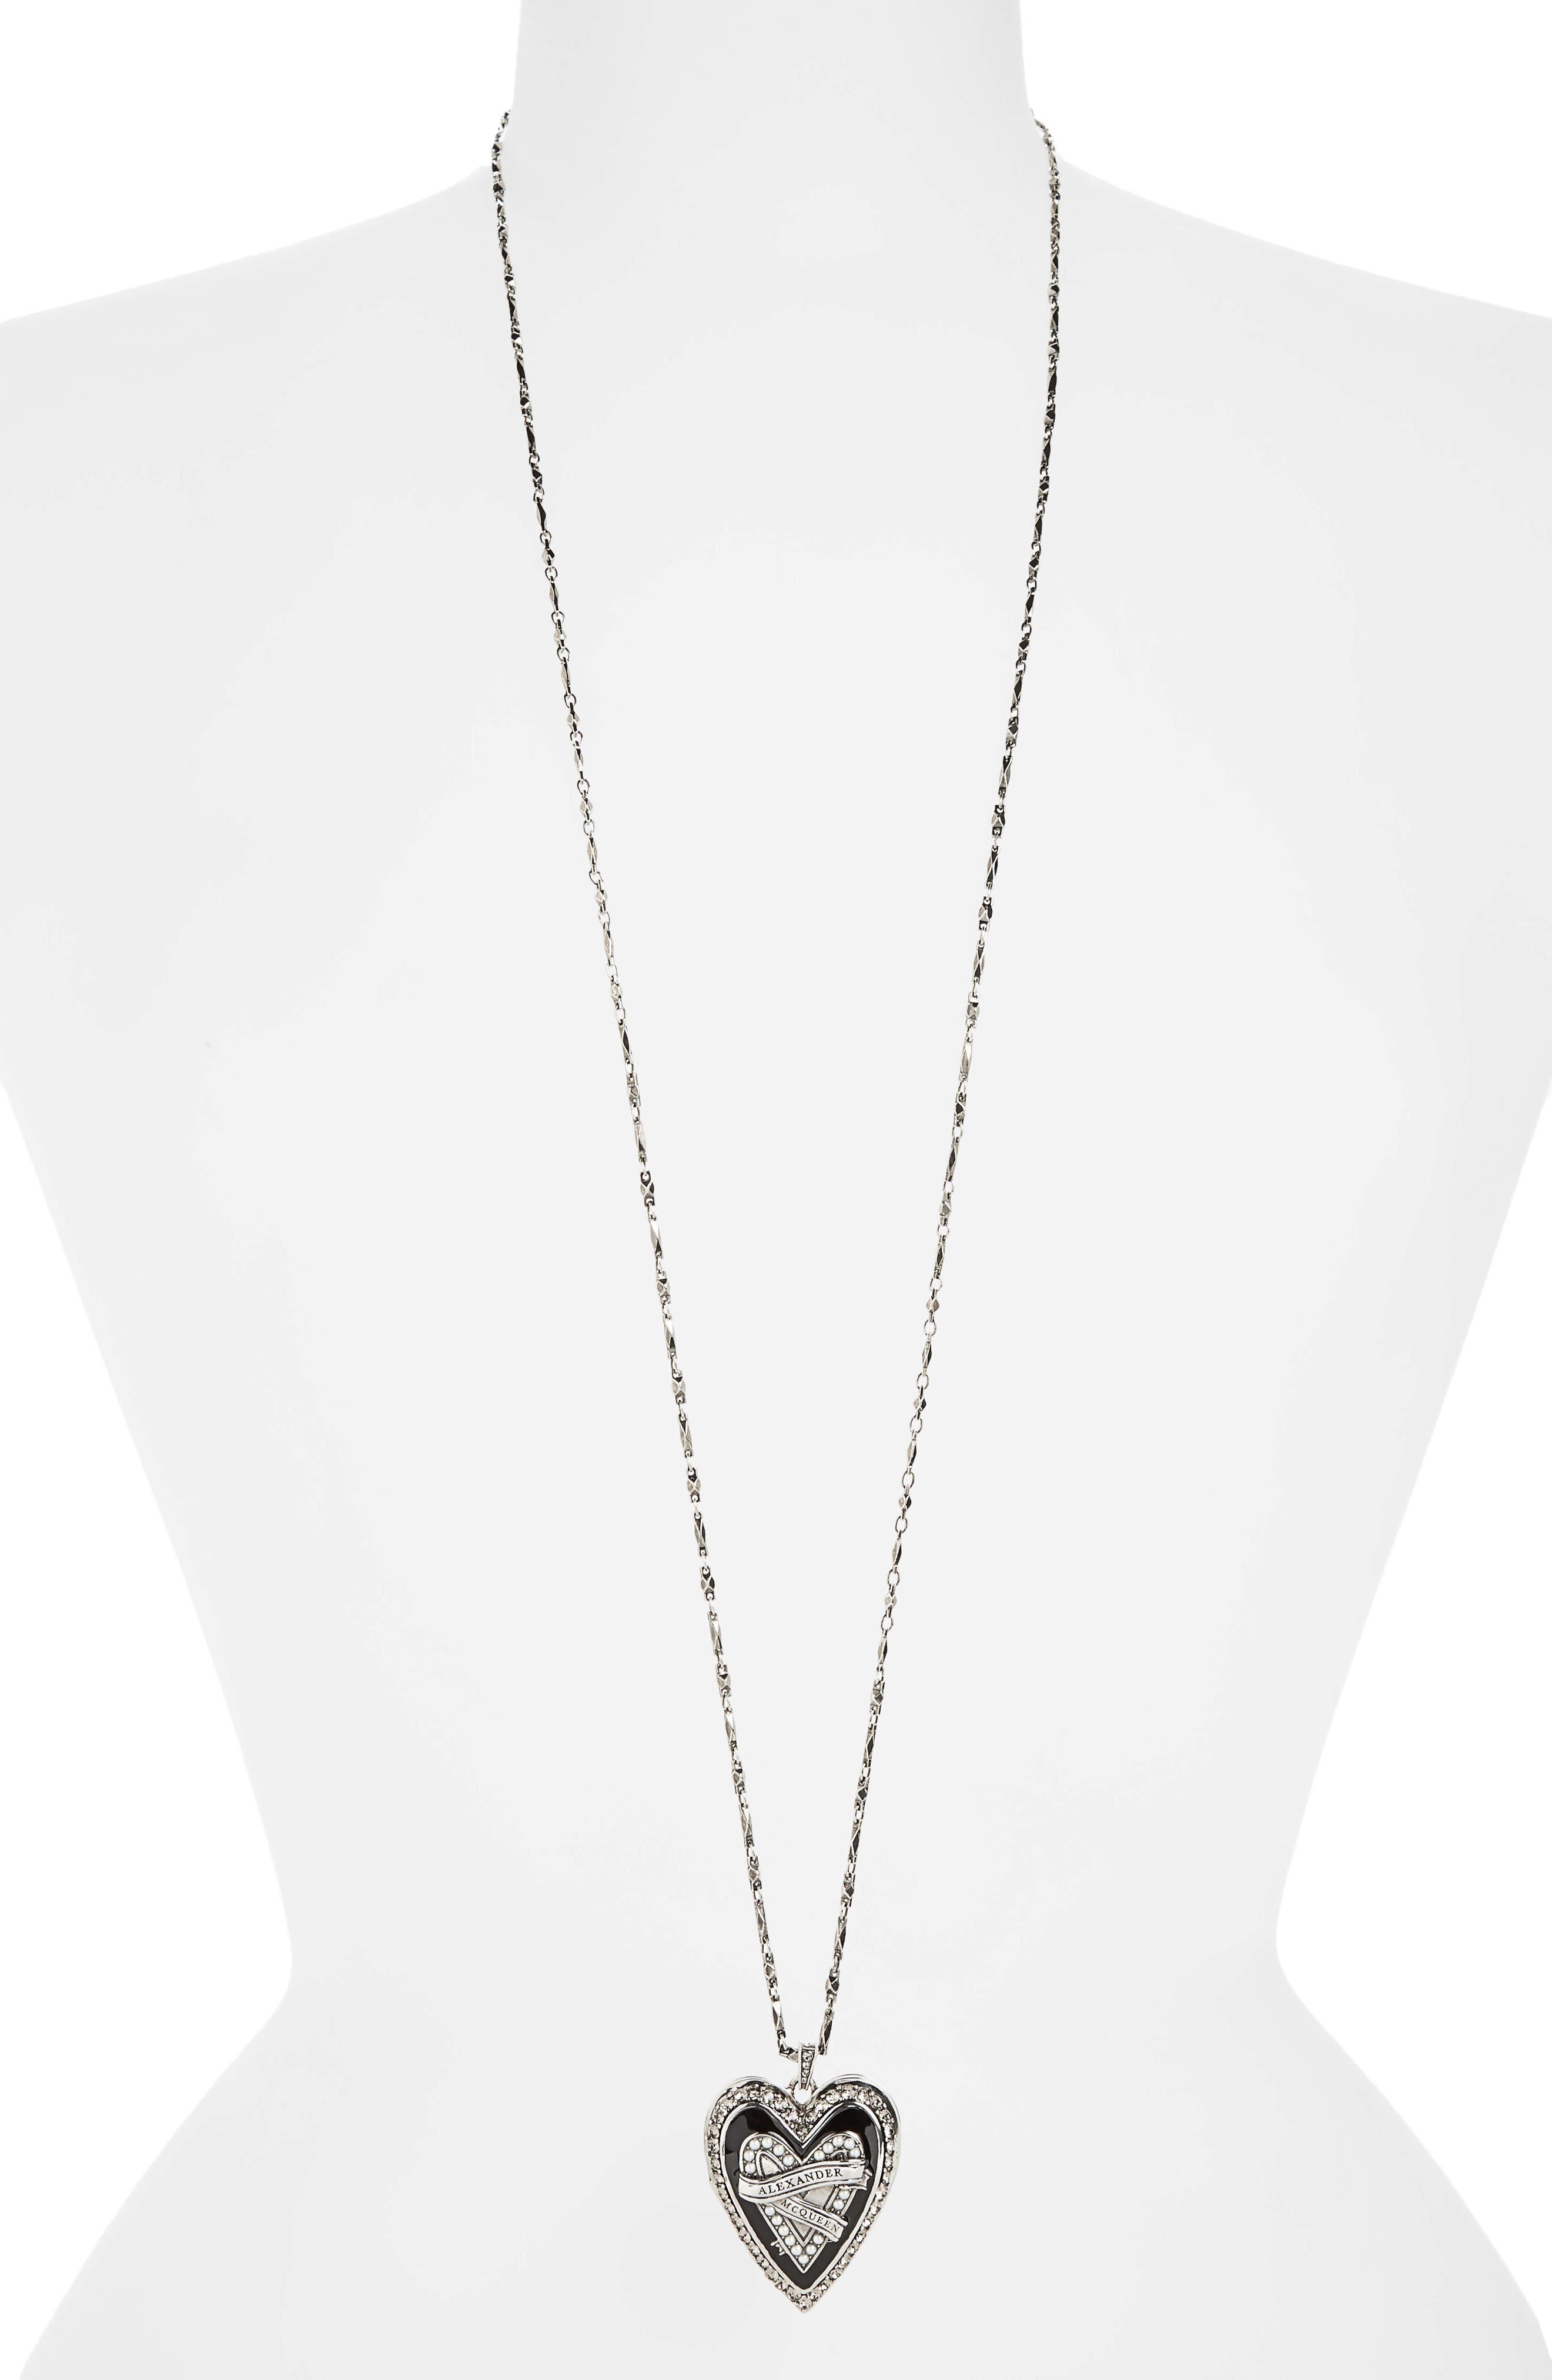 Heart Pendant Necklace,                             Main thumbnail 1, color,                             Antique Silver/ Jet